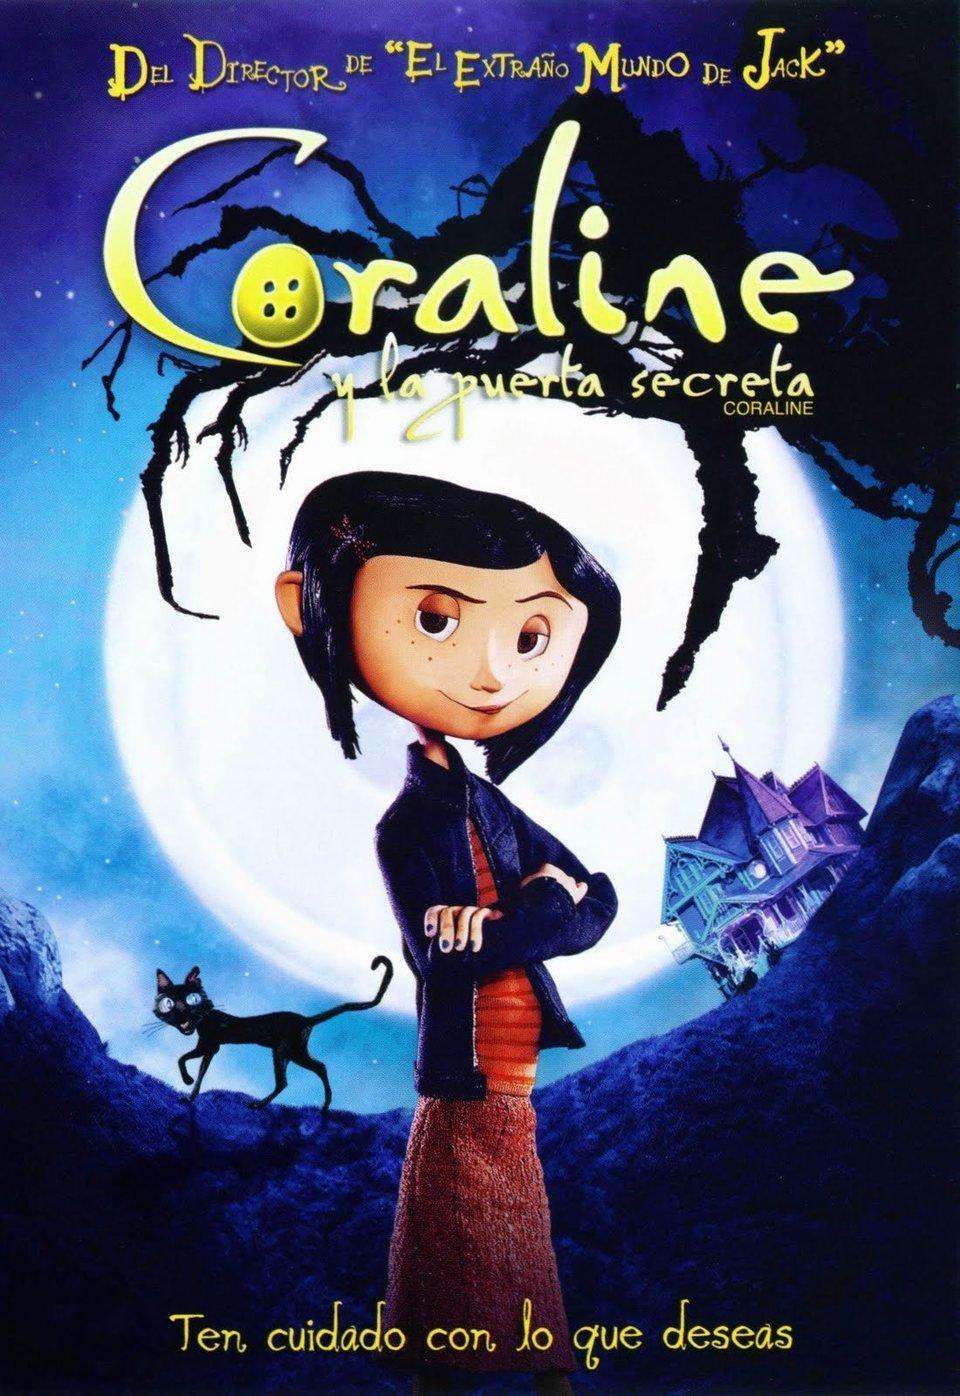 Cartel México de 'Los mundos de Coraline'